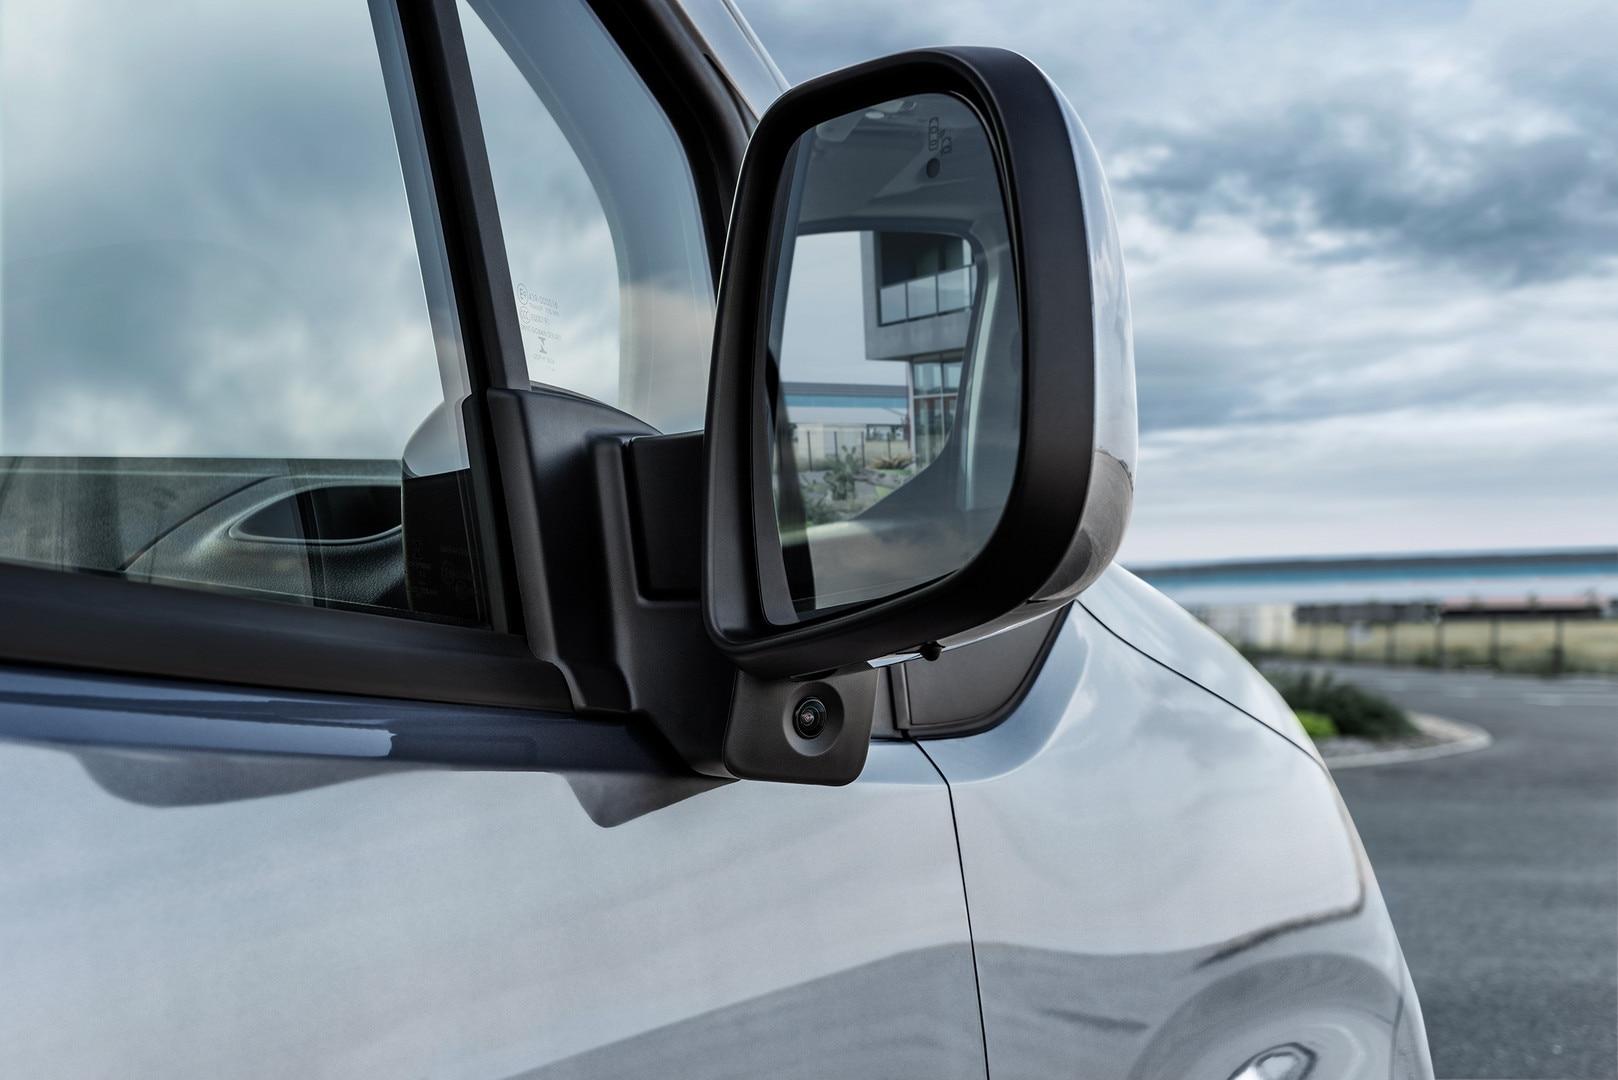 NOUVEAU PEUGEOT PARTNER: Surround Rear Vision avec sa caméra latérale sous le rétroviseur passager pour réduire l'angle mort coté passager